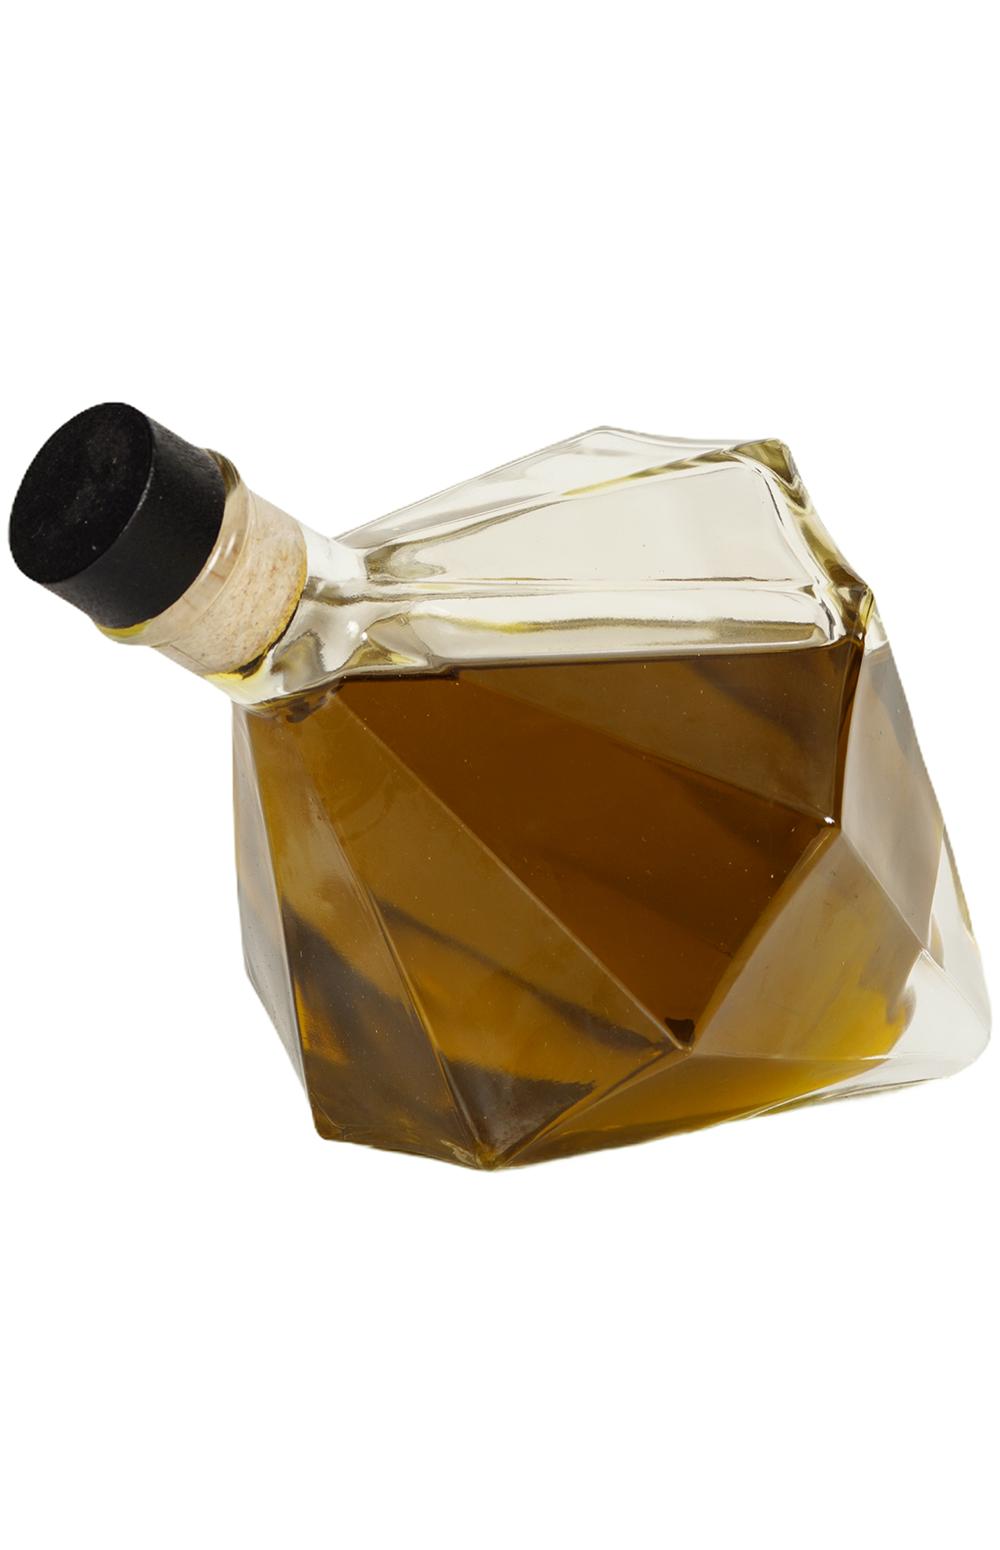 Monteoliva Oro Premium